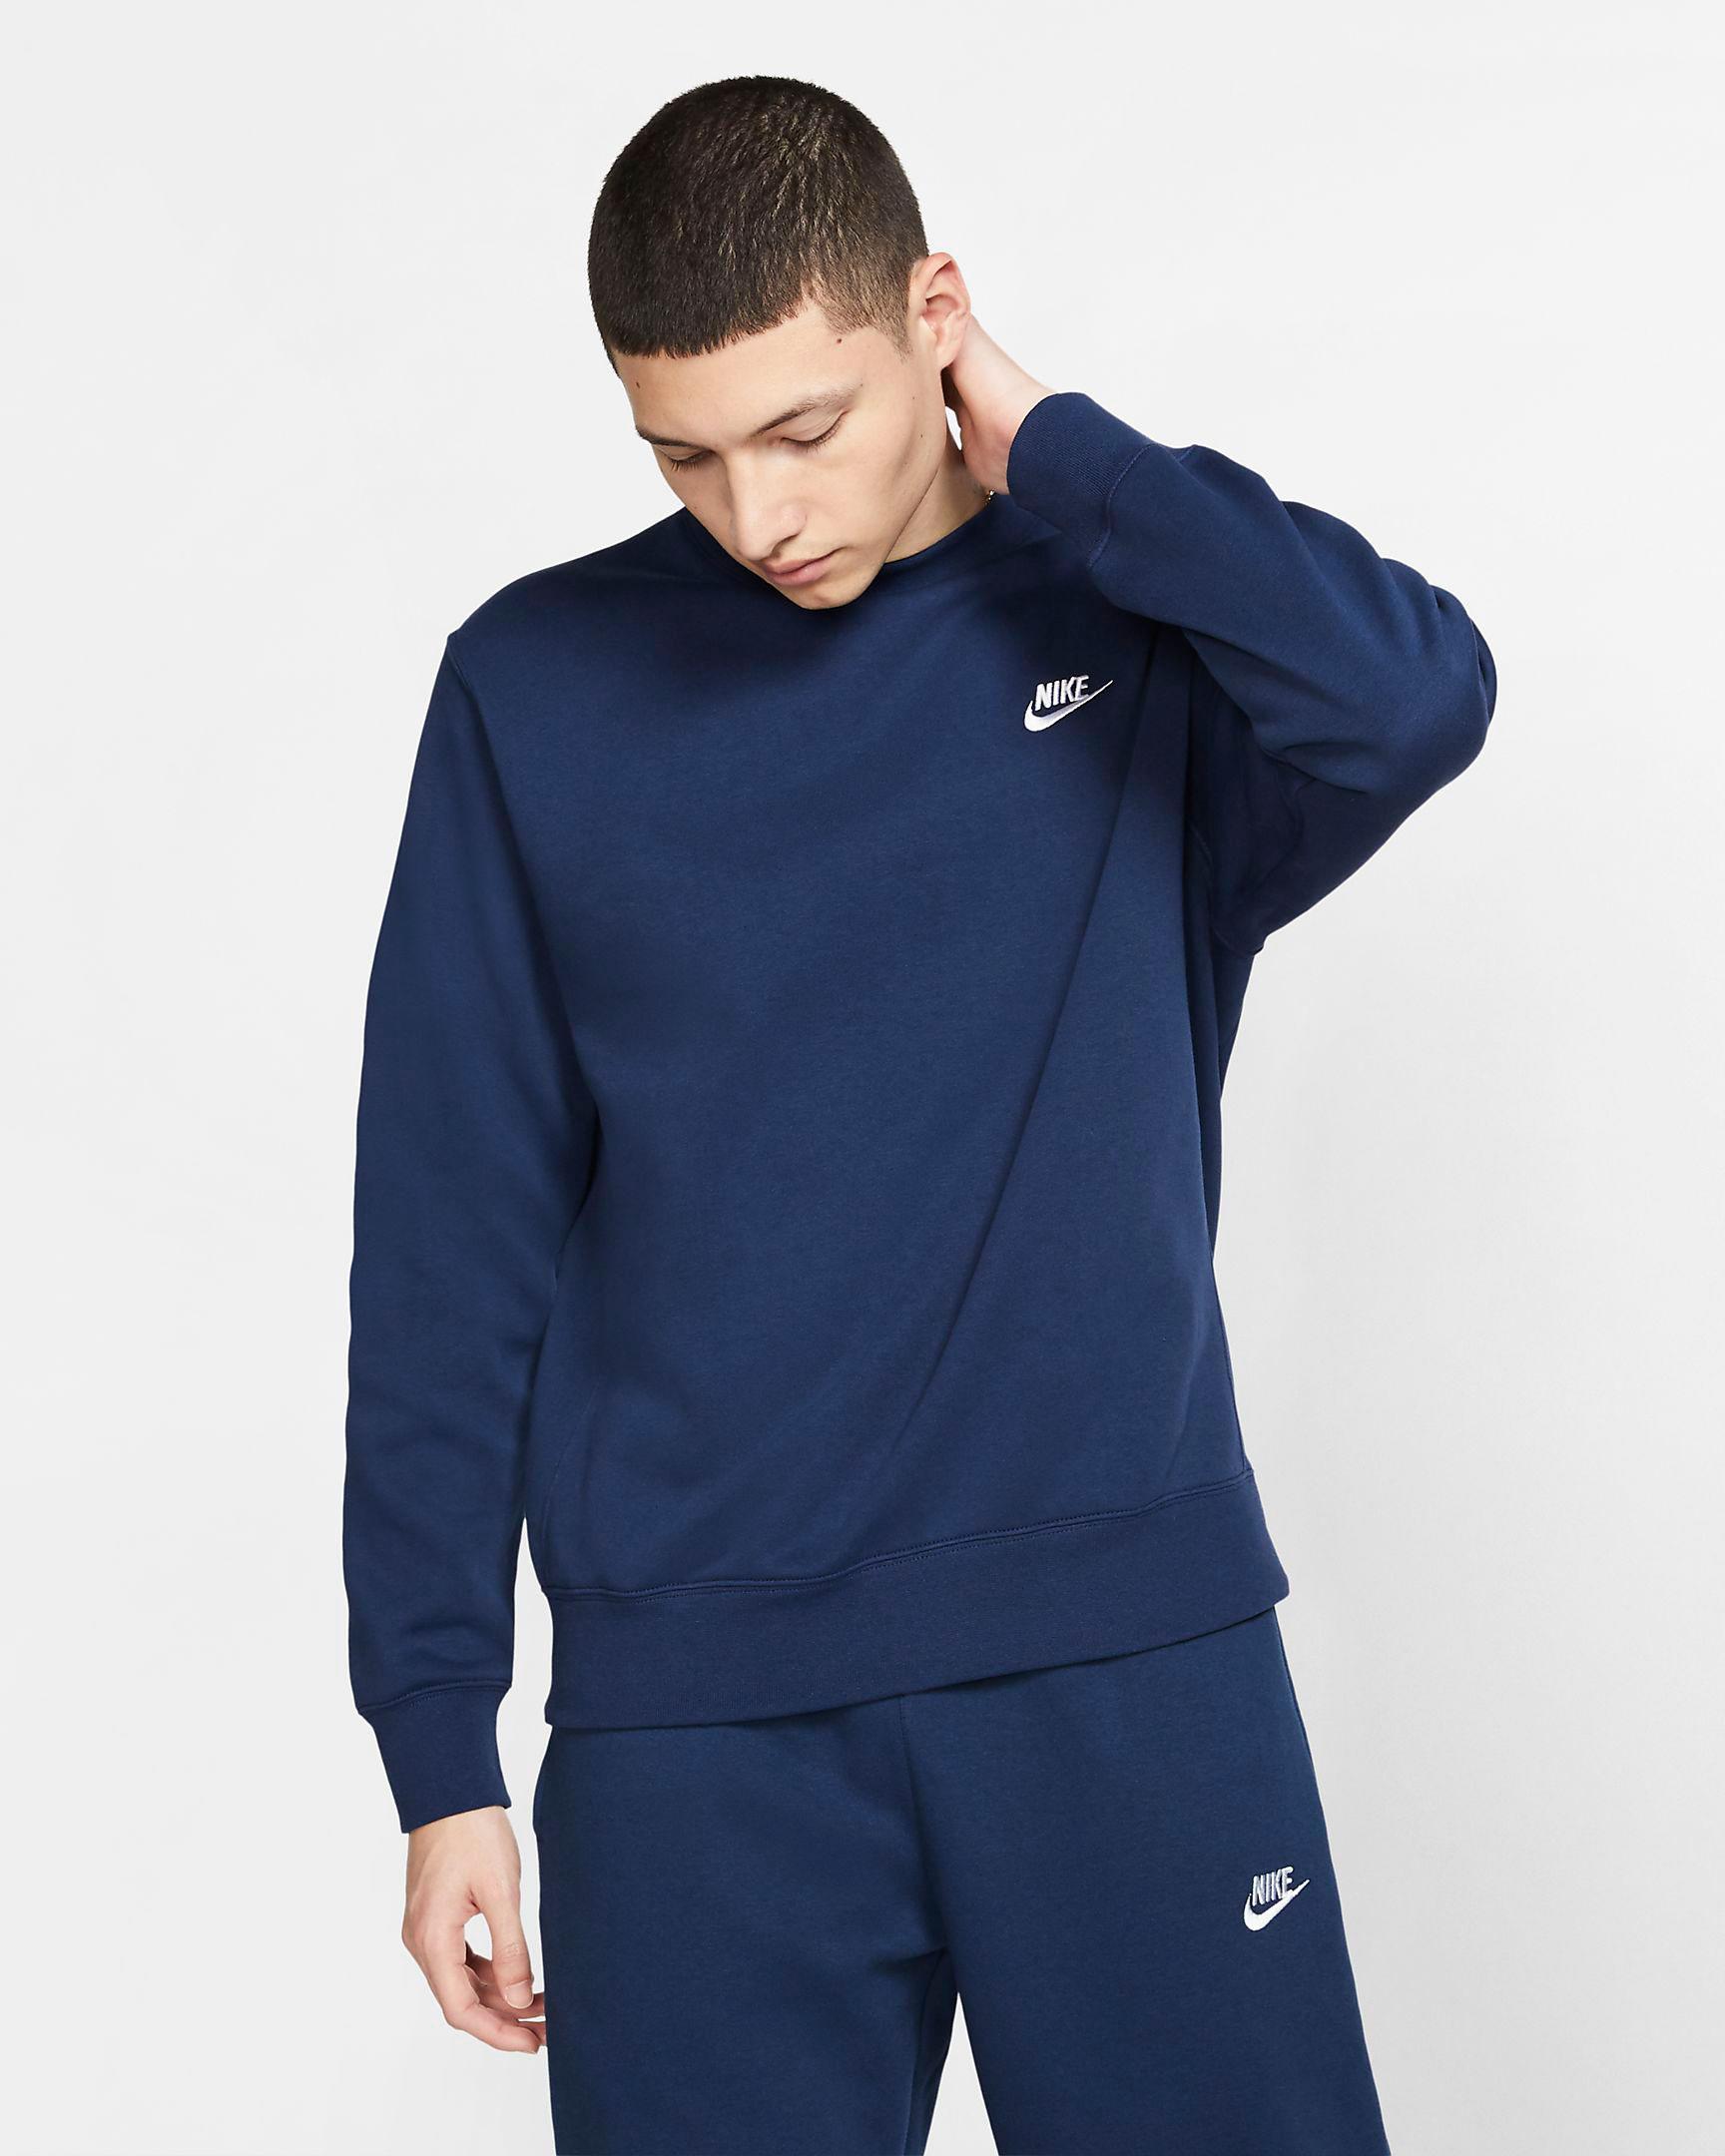 air-jordan-1-midnight-navy-sweatshirt-1